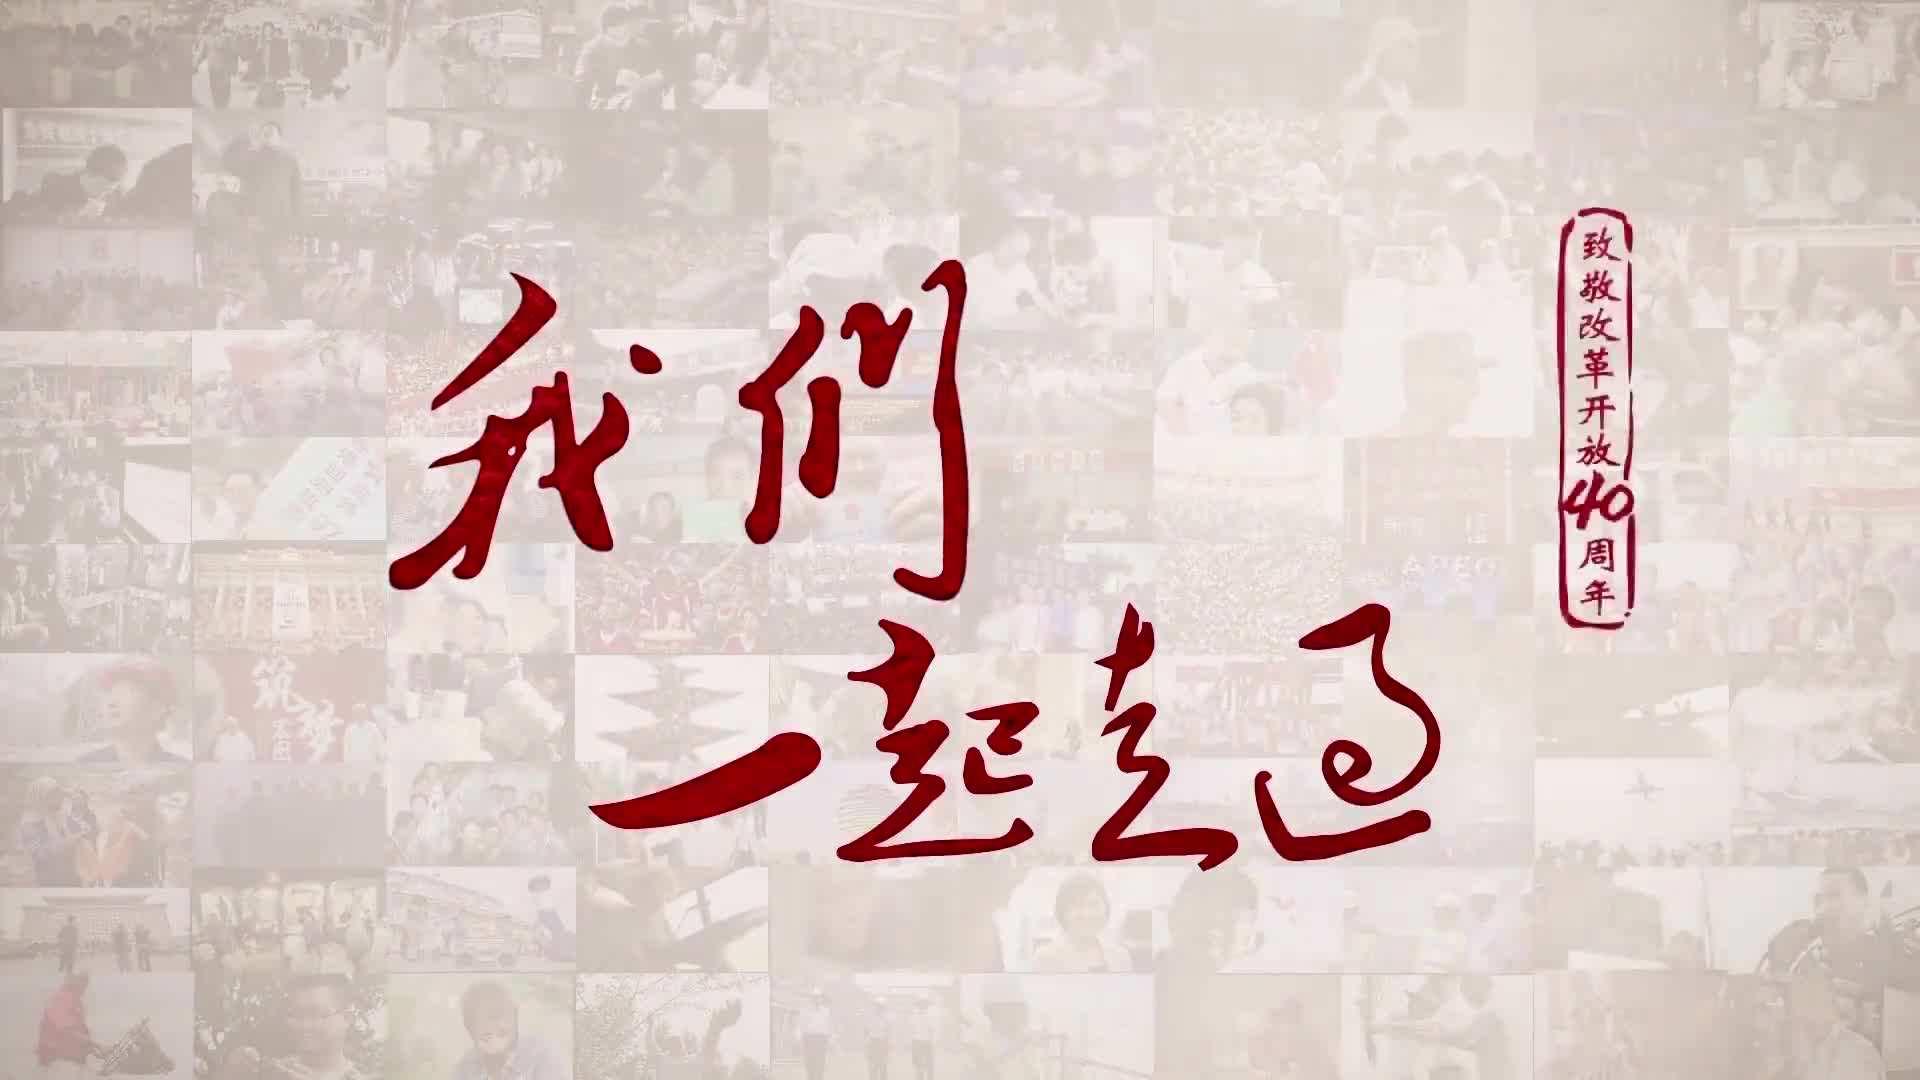 《我们一起走过——致敬改革开放40周年》 第五集 血,总是热的